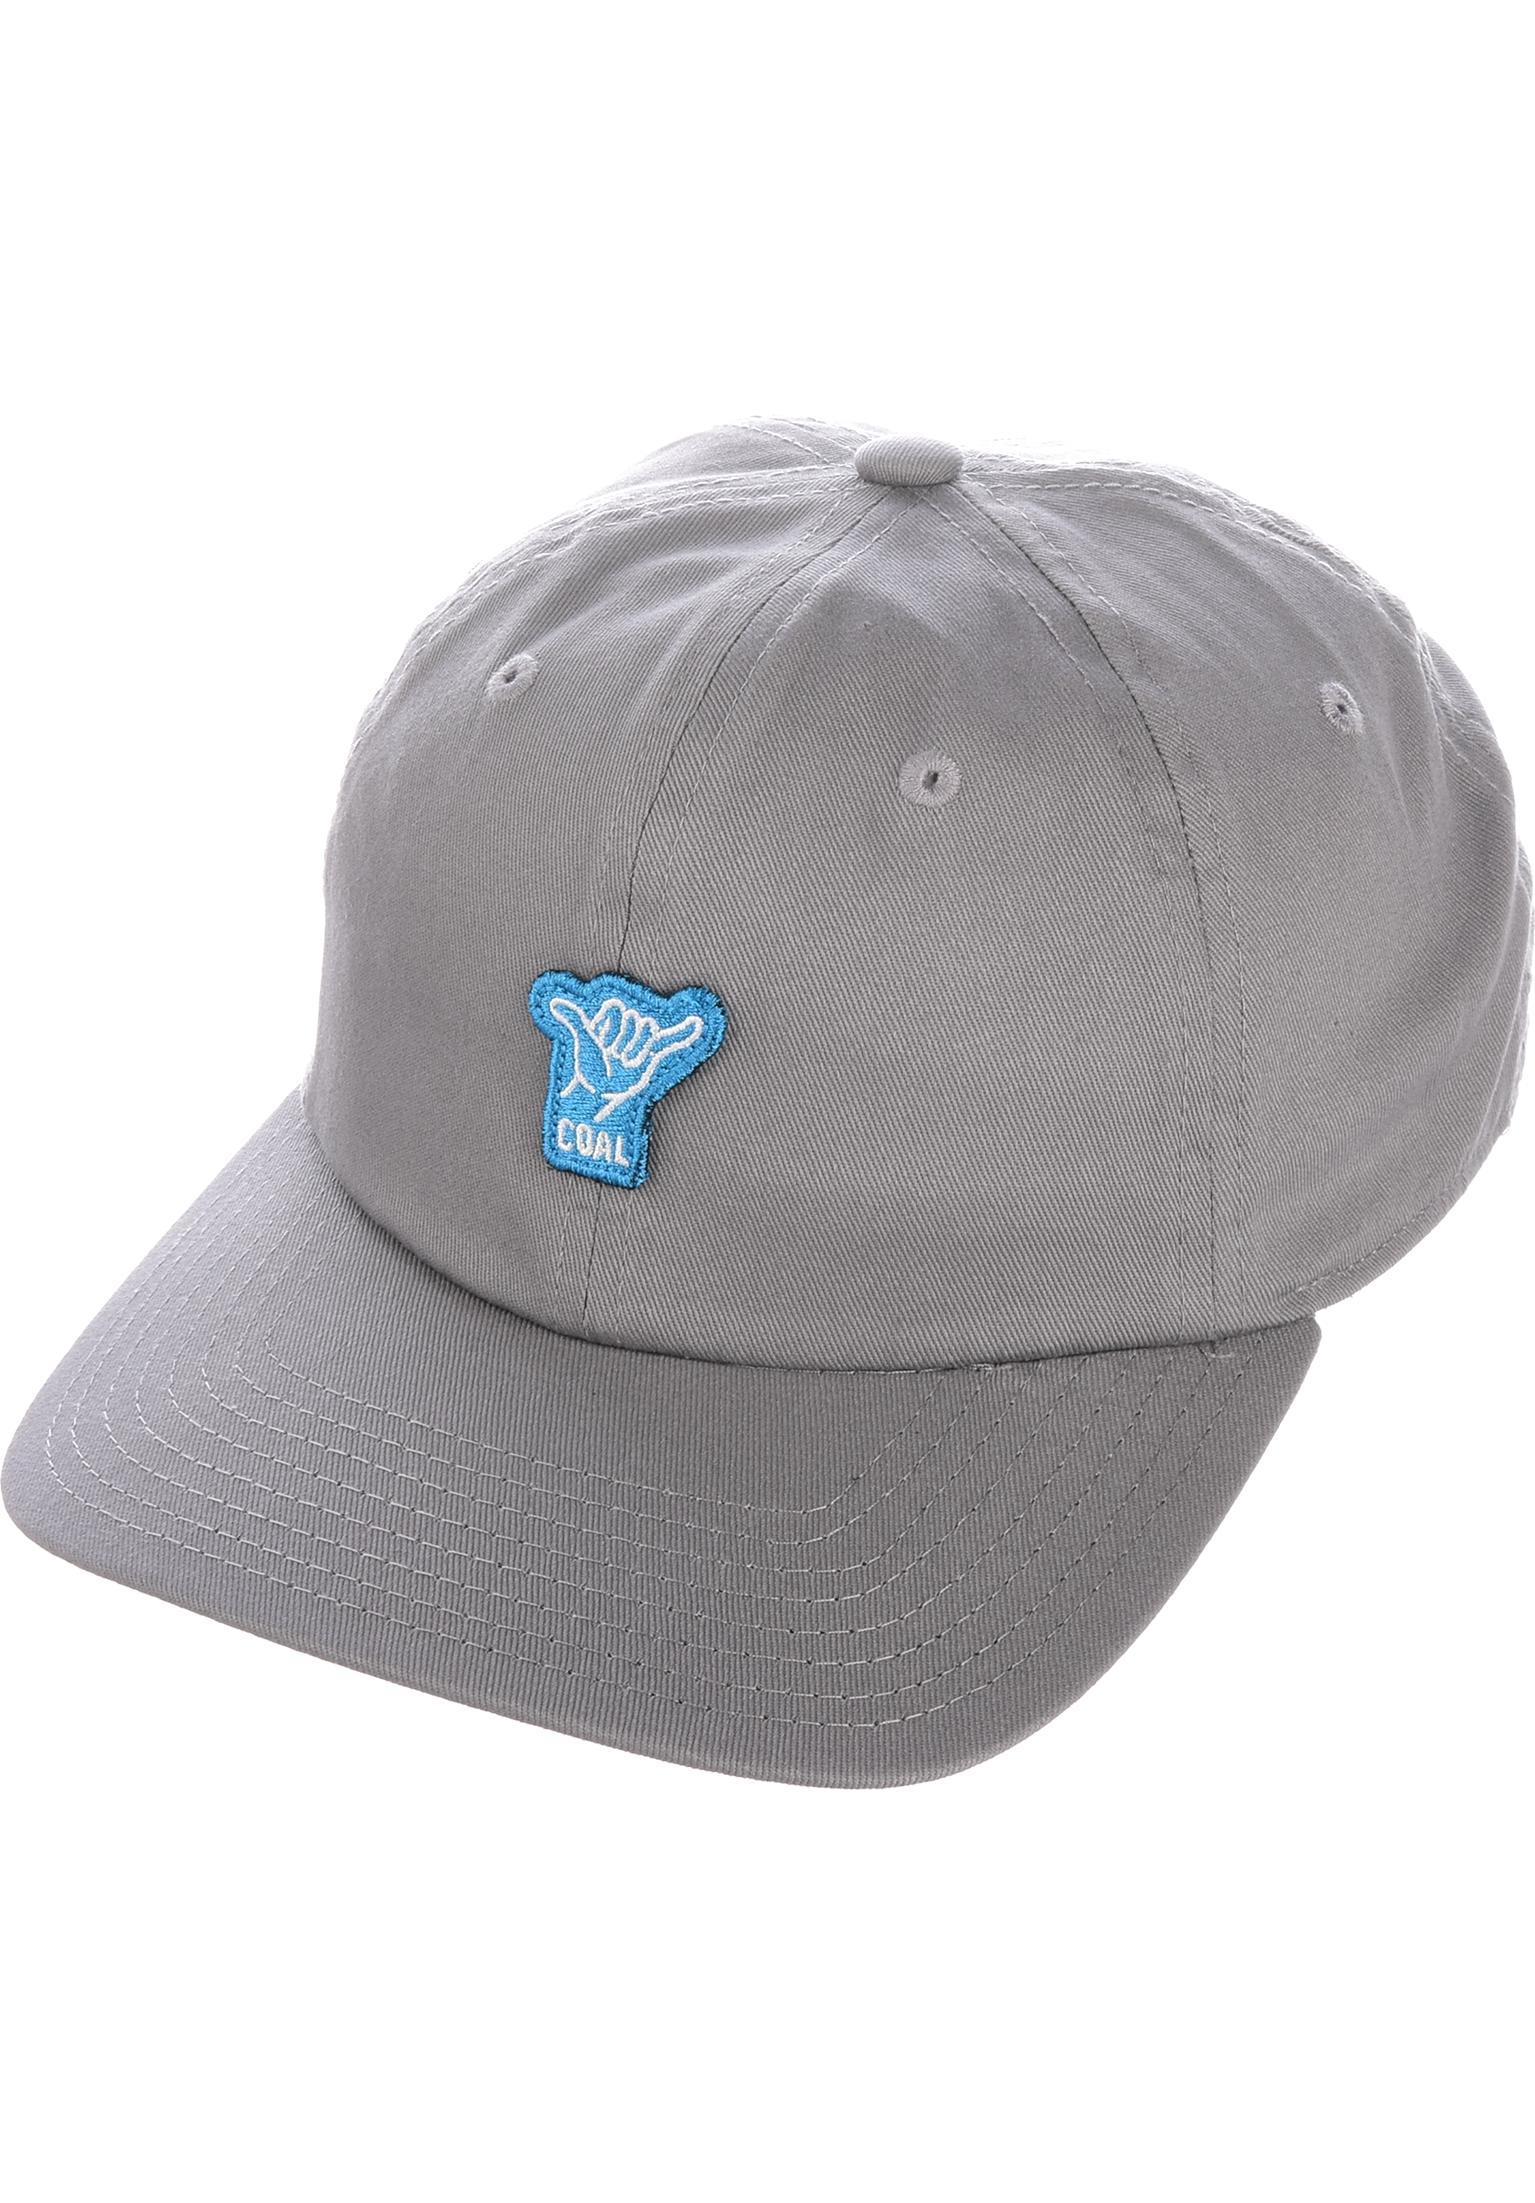 94a34e38717d1c The Junior coal Caps in grey for Men | Titus